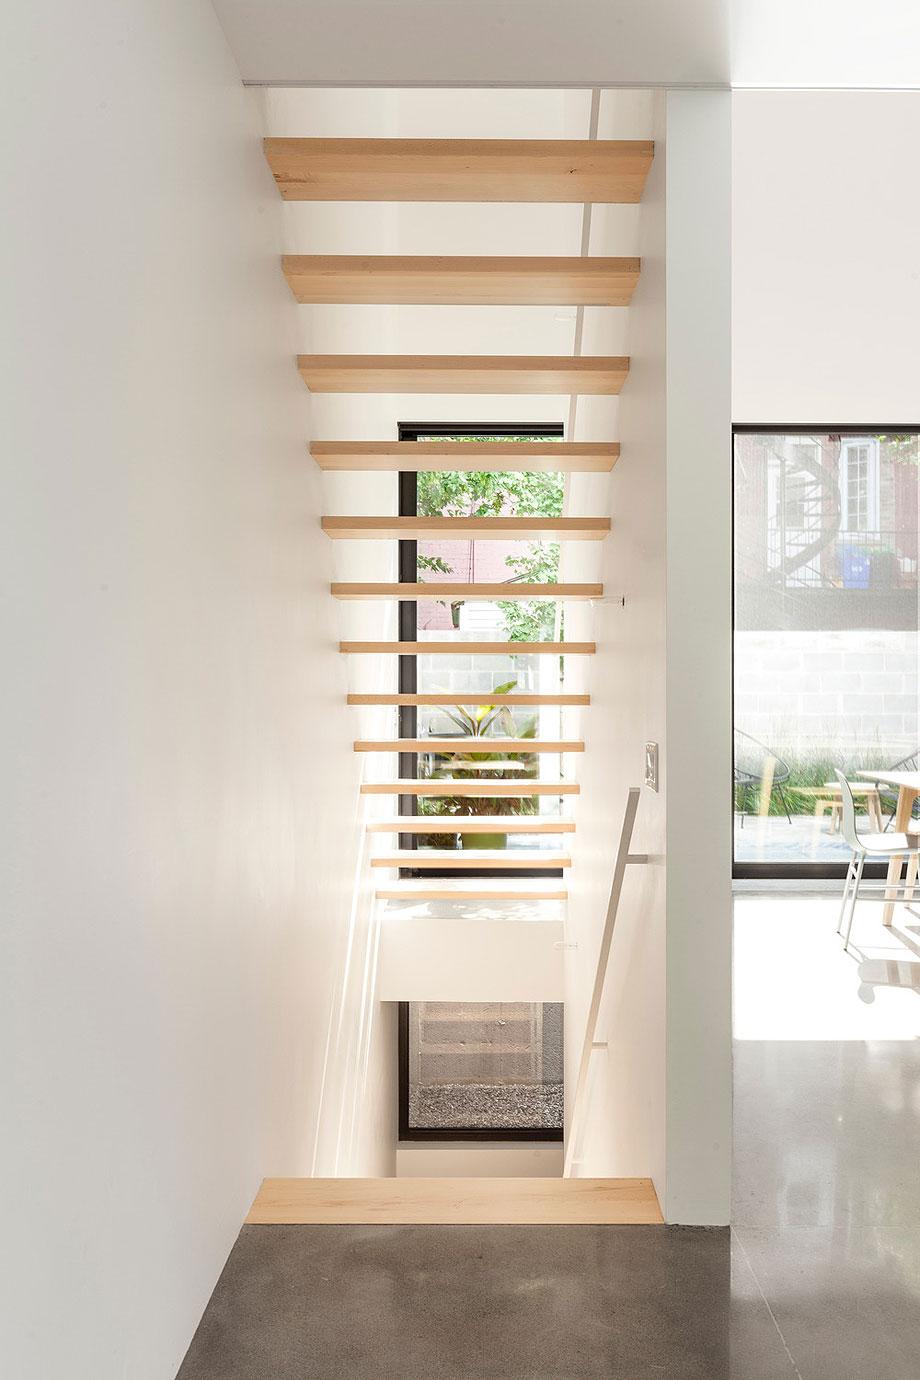 casa-lagarde-montreal-la-shed-architecture (13)